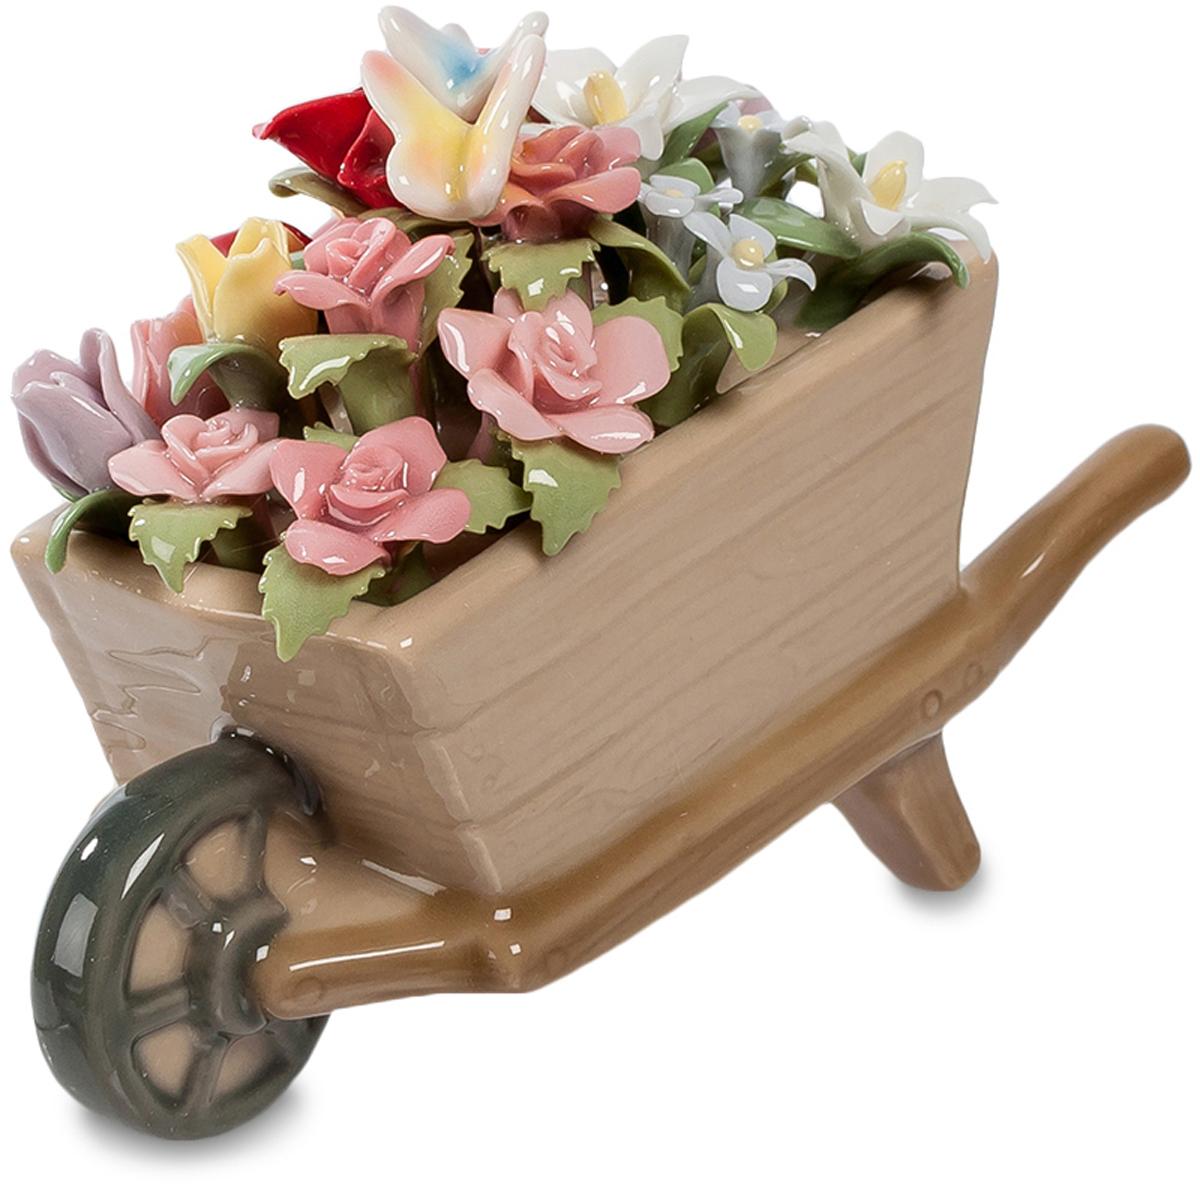 Композиция Pavone Тележка. Весенние цветы. CMS-33/43FS-80299Композиция тележка Весенние цветы (Pavone) Подарить букетик цветов – это, конечно, хорошо. Но не всегда хочется поступать так скромно: думая о легендарном миллионе алых роз, хочется собрать столько цветов, чтобы они даже в руках не поместились. И привезти их в тележке – все, какие удастся найти в саду! Вот она, эта тележка с цветами, деревянная, доверху наполненная цветами. Примечательно не только количество цветов, но и их материал: они выполнены из тончайшего фарфора, так что сразу им не понять, что это – не живая природа. Зато такая корзинка цветов будет стоять долго, цветы в ней не завянут, и каждое утро будут напоминать о том, кто их подарил – целую, хоть и маленькую, тележку.